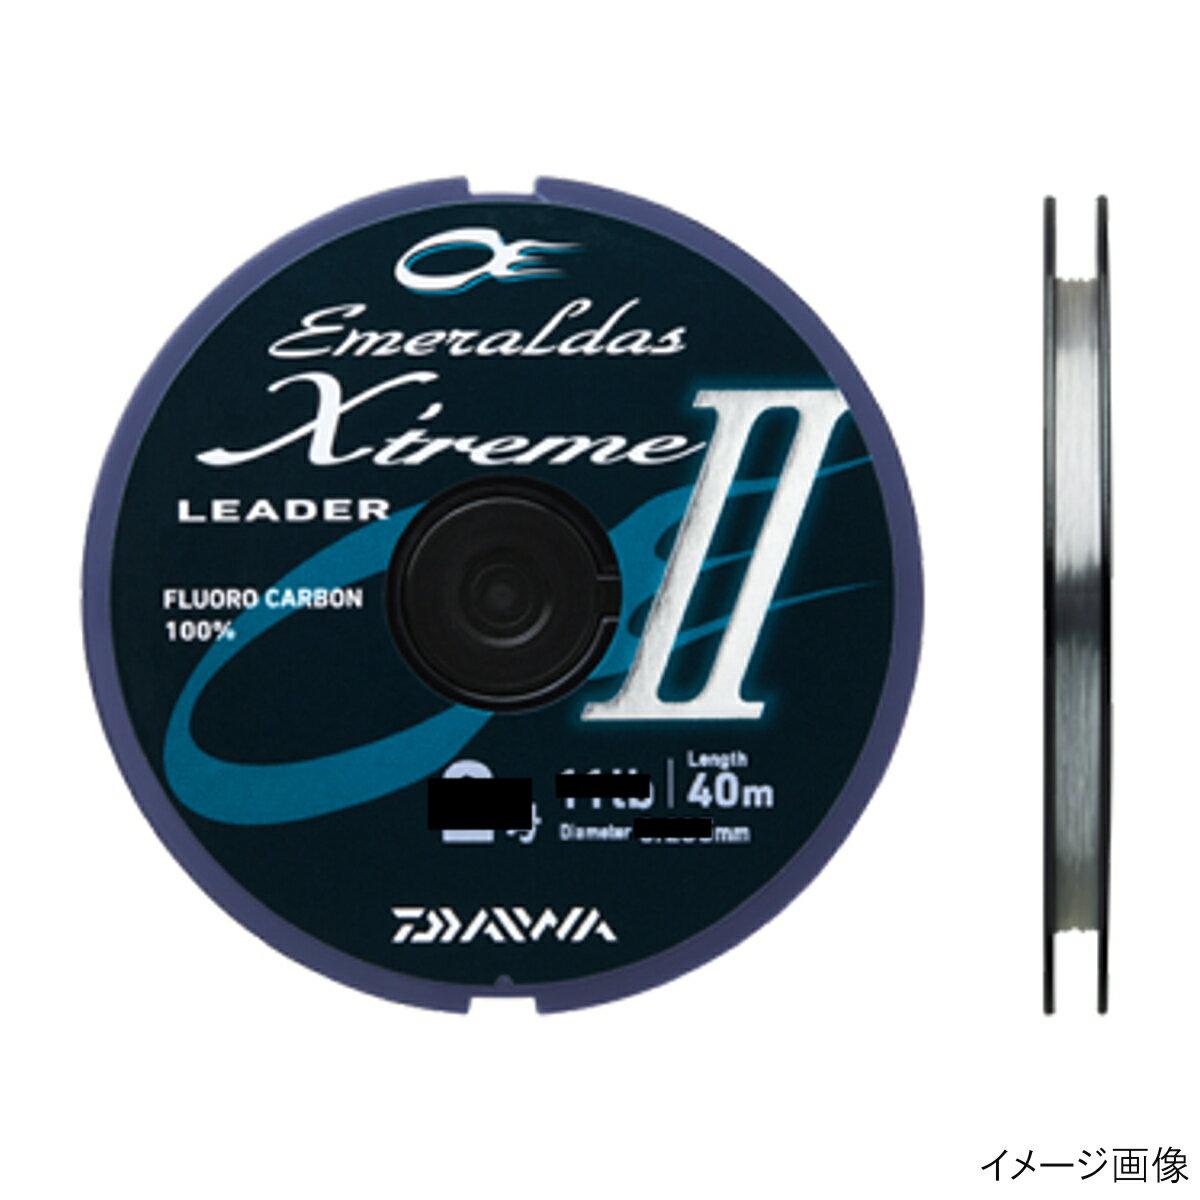 ダイワ エメラルダス リーダー エクストリーム II 40m 2.25号 ナチュラル【ゆうパケット】